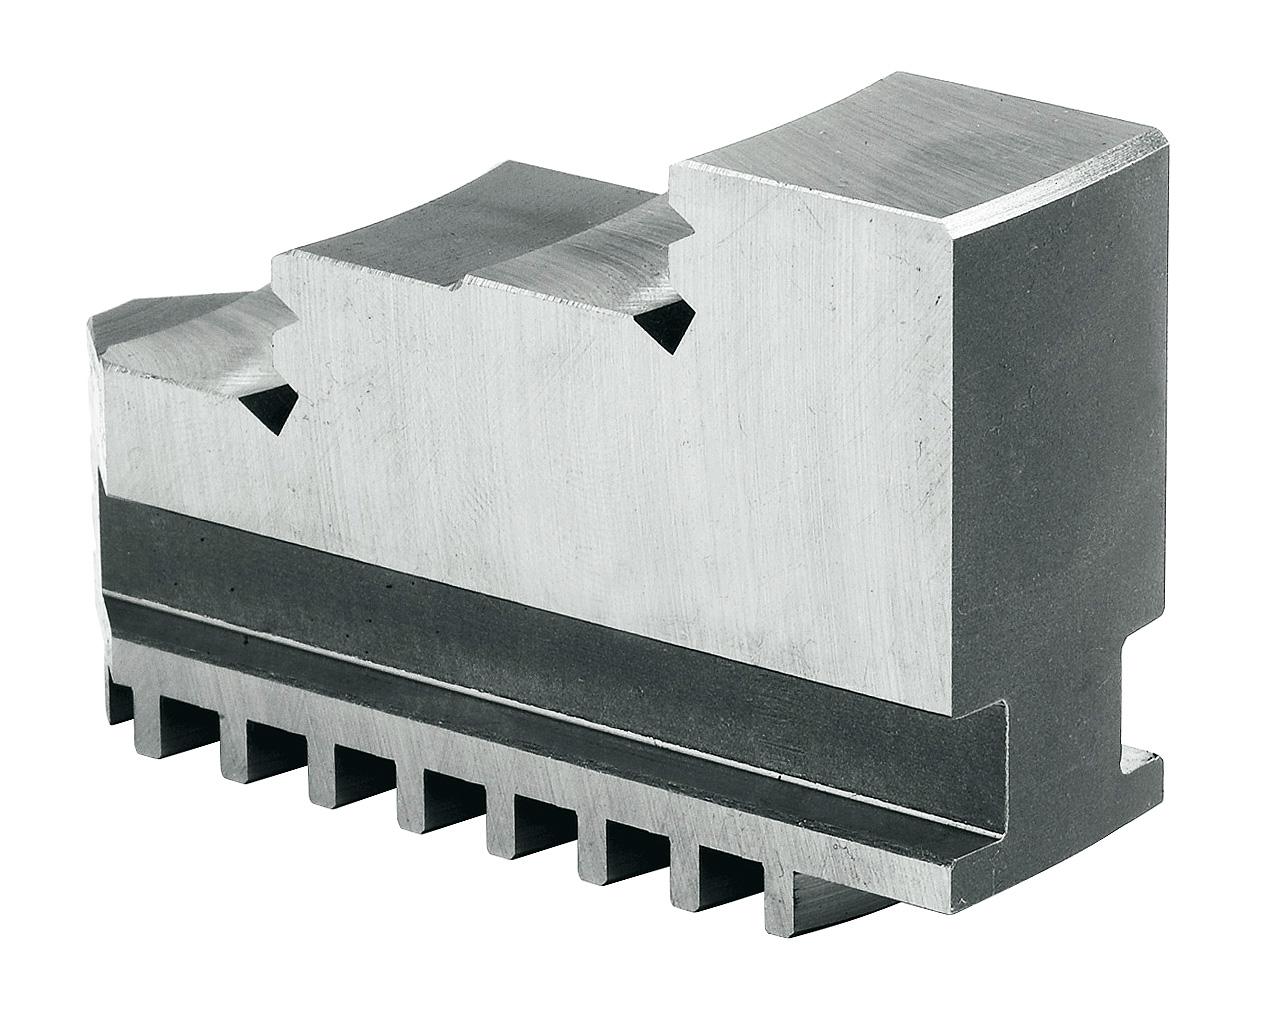 Szczęki jednolite twarde wewnętrzne - komplet DIJ-DK11-400 BERNARDO